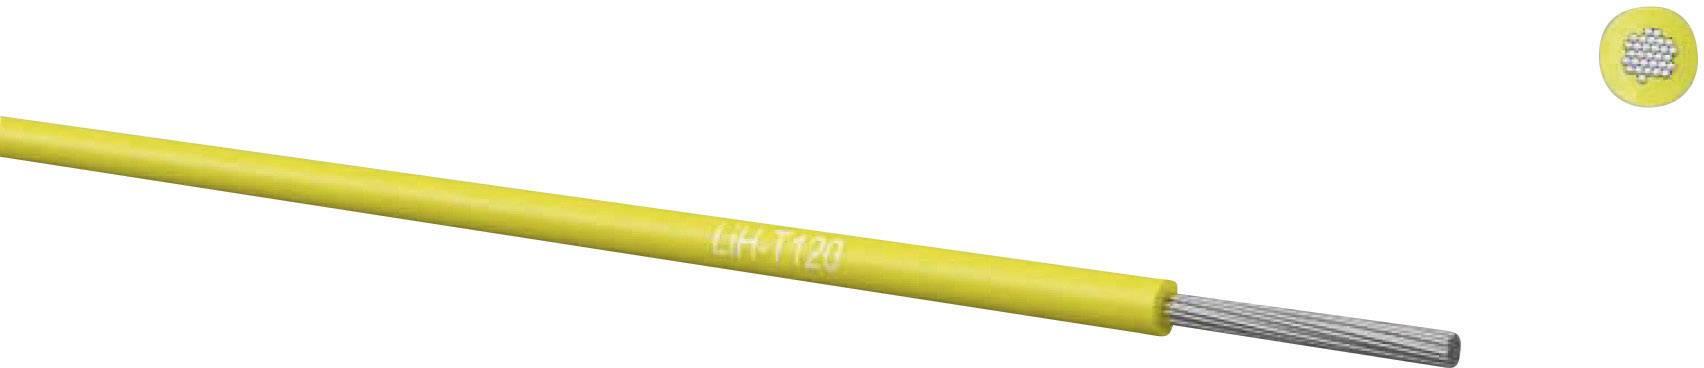 Opletenie / lanko Kabeltronik 65002503 LiH-T, 1 x 0.25 mm², vonkajší Ø 0.85 mm, metrový tovar, zelená